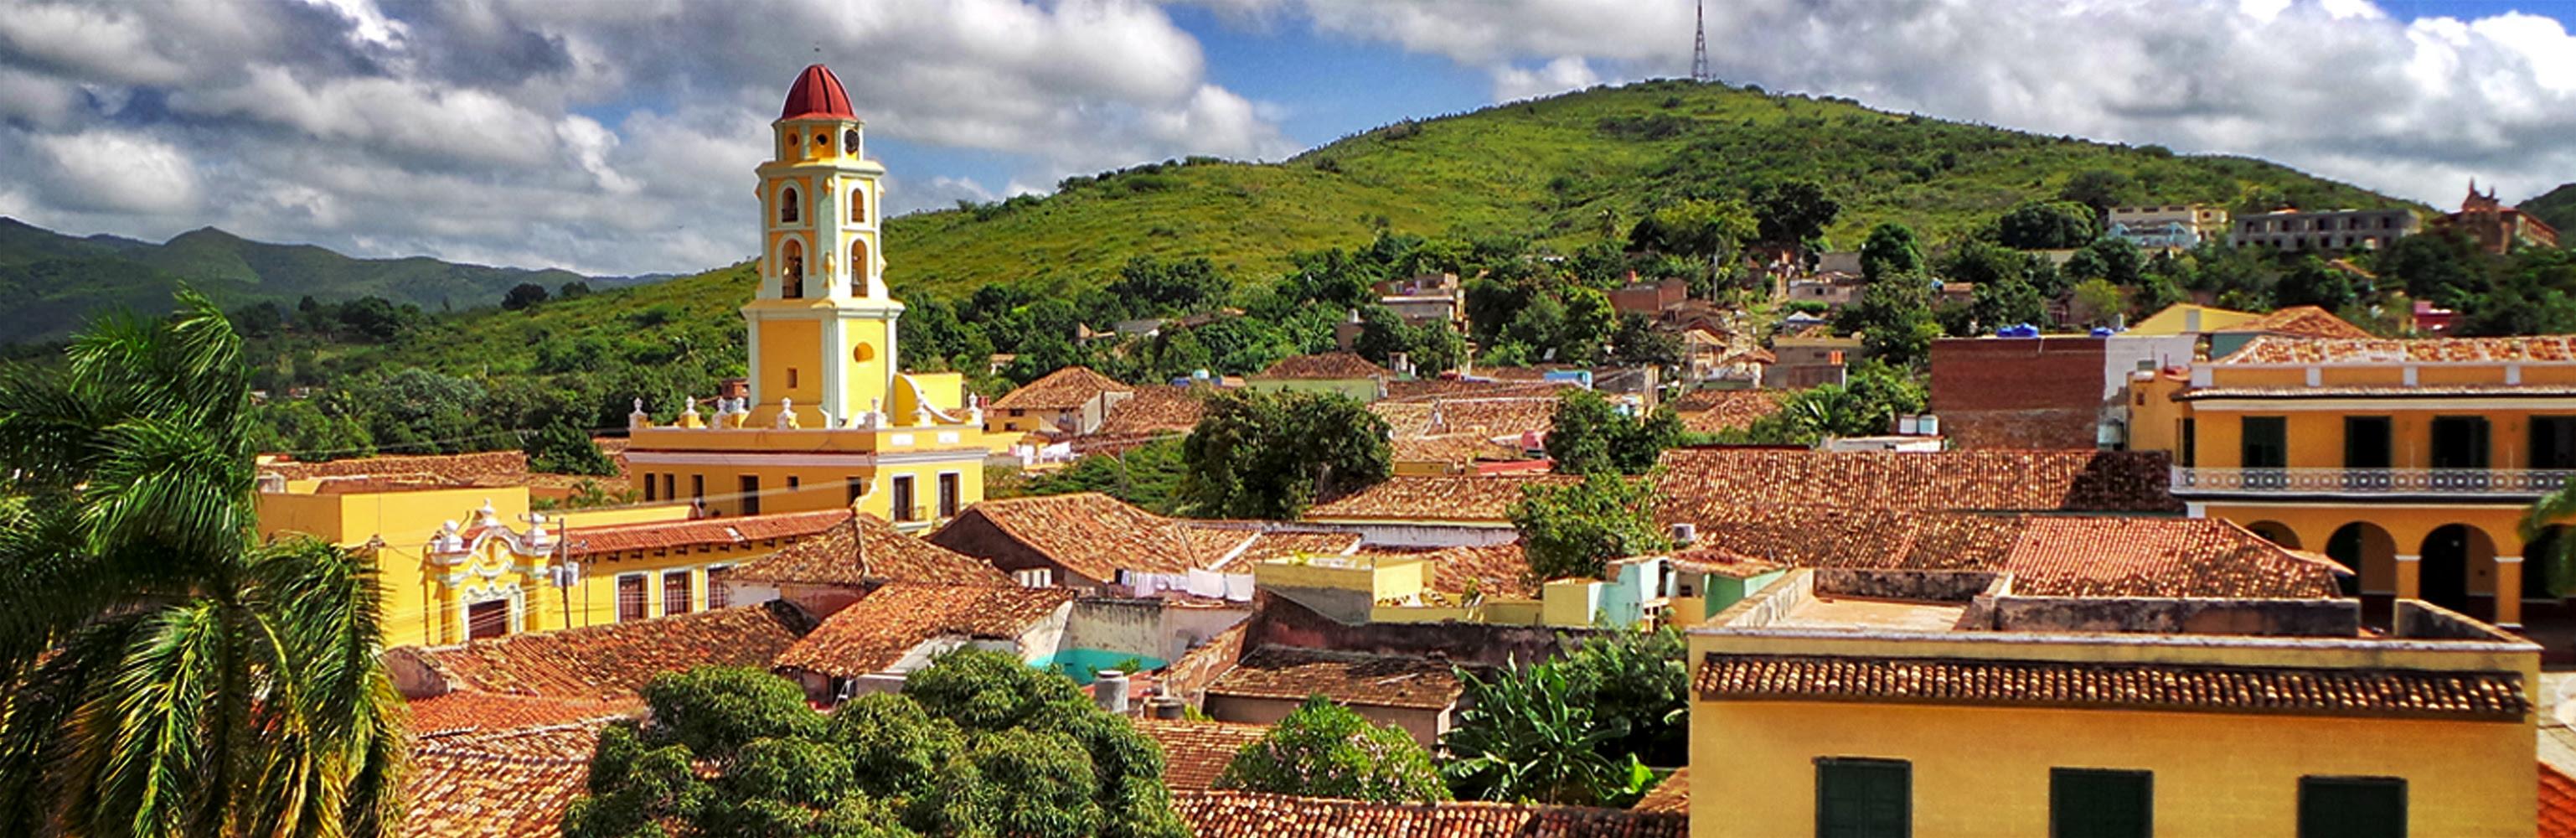 nation_travel_slider_cuba-landscapes_1_1230x400_n1.jpg